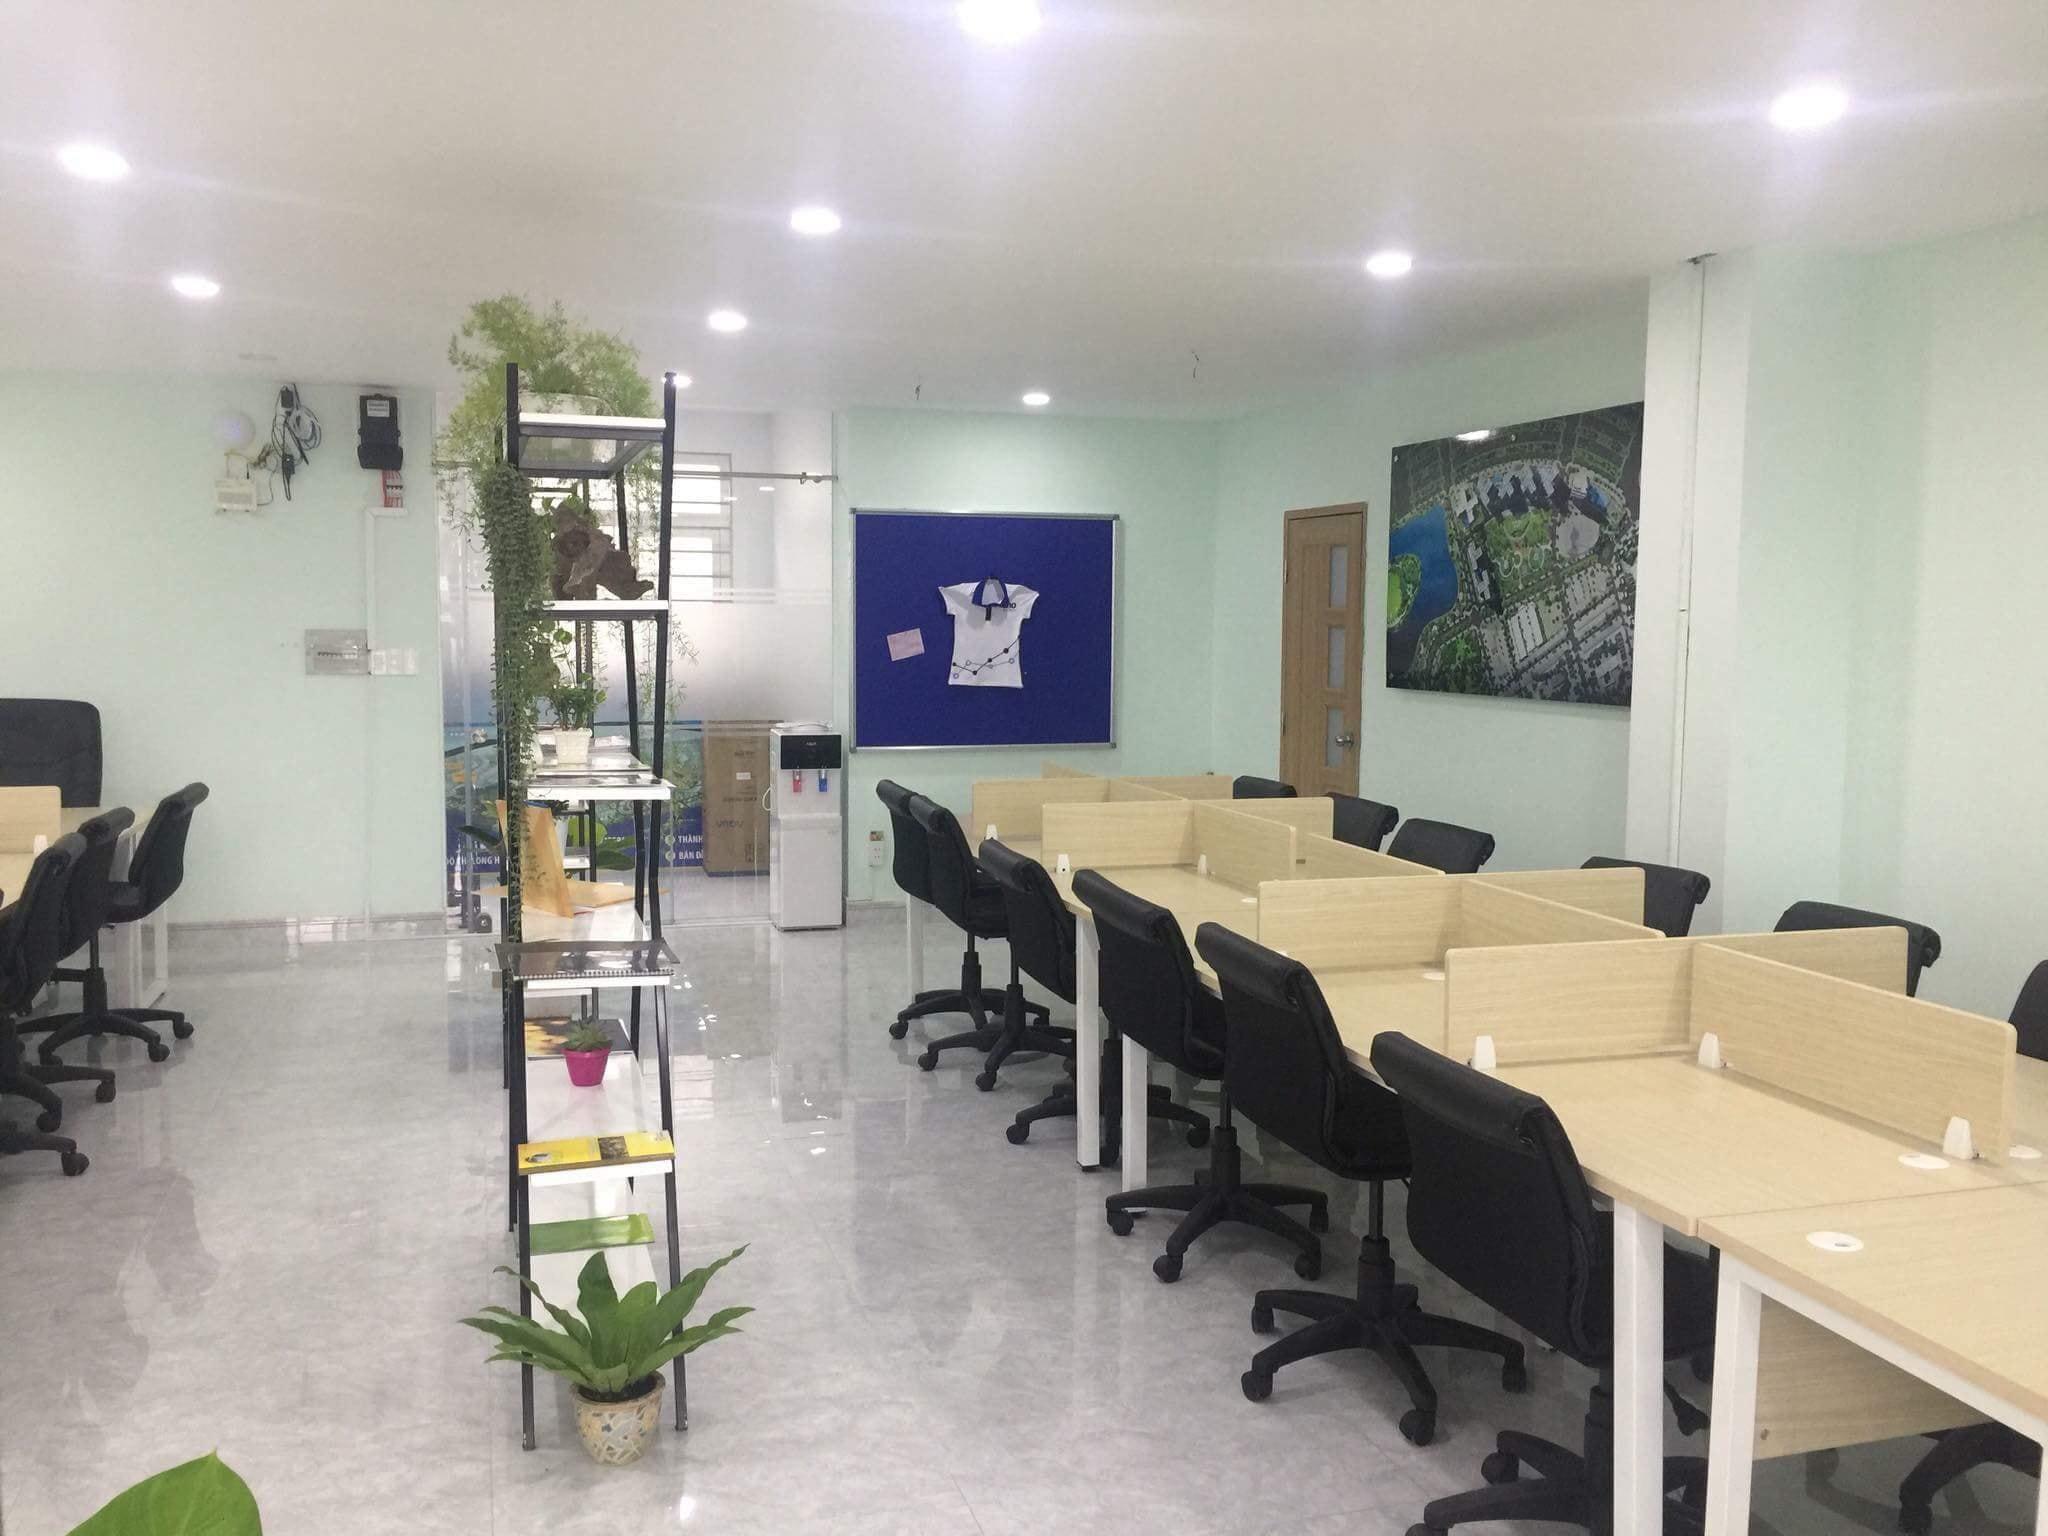 Tuyển dụng nhân viên kinh doanh Bất Động Sản - Văn phòng làm việc chuyên nghiệp